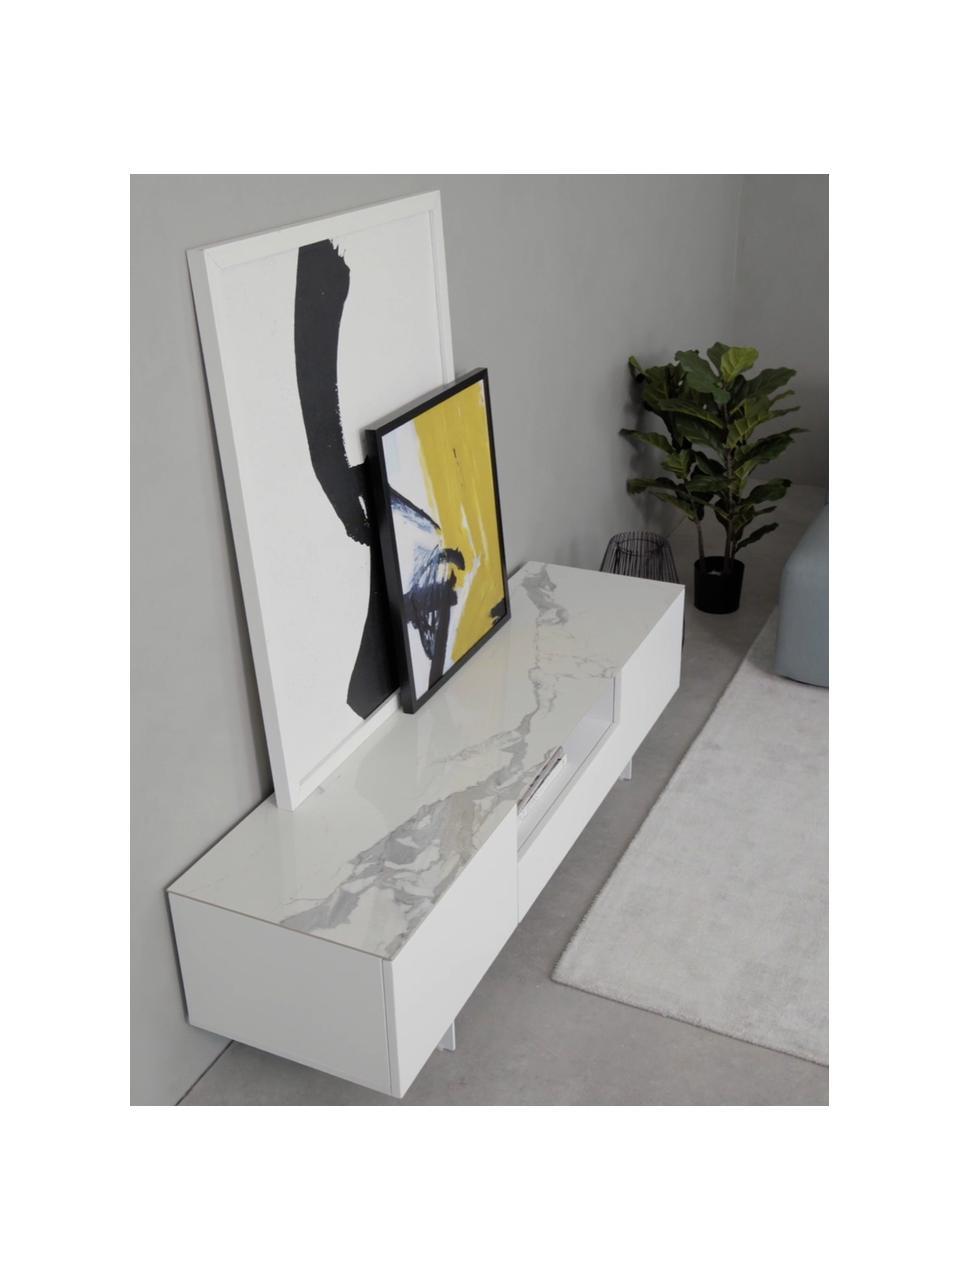 Szafka RTV Fiona, Korpus: płyta pilśniowa średniej , Nogi: metal malowany proszkowo, Korpus: biały, matowy Nogi: biały, matowy Półka: biały, marmurowy, S 160 x W 46 cm